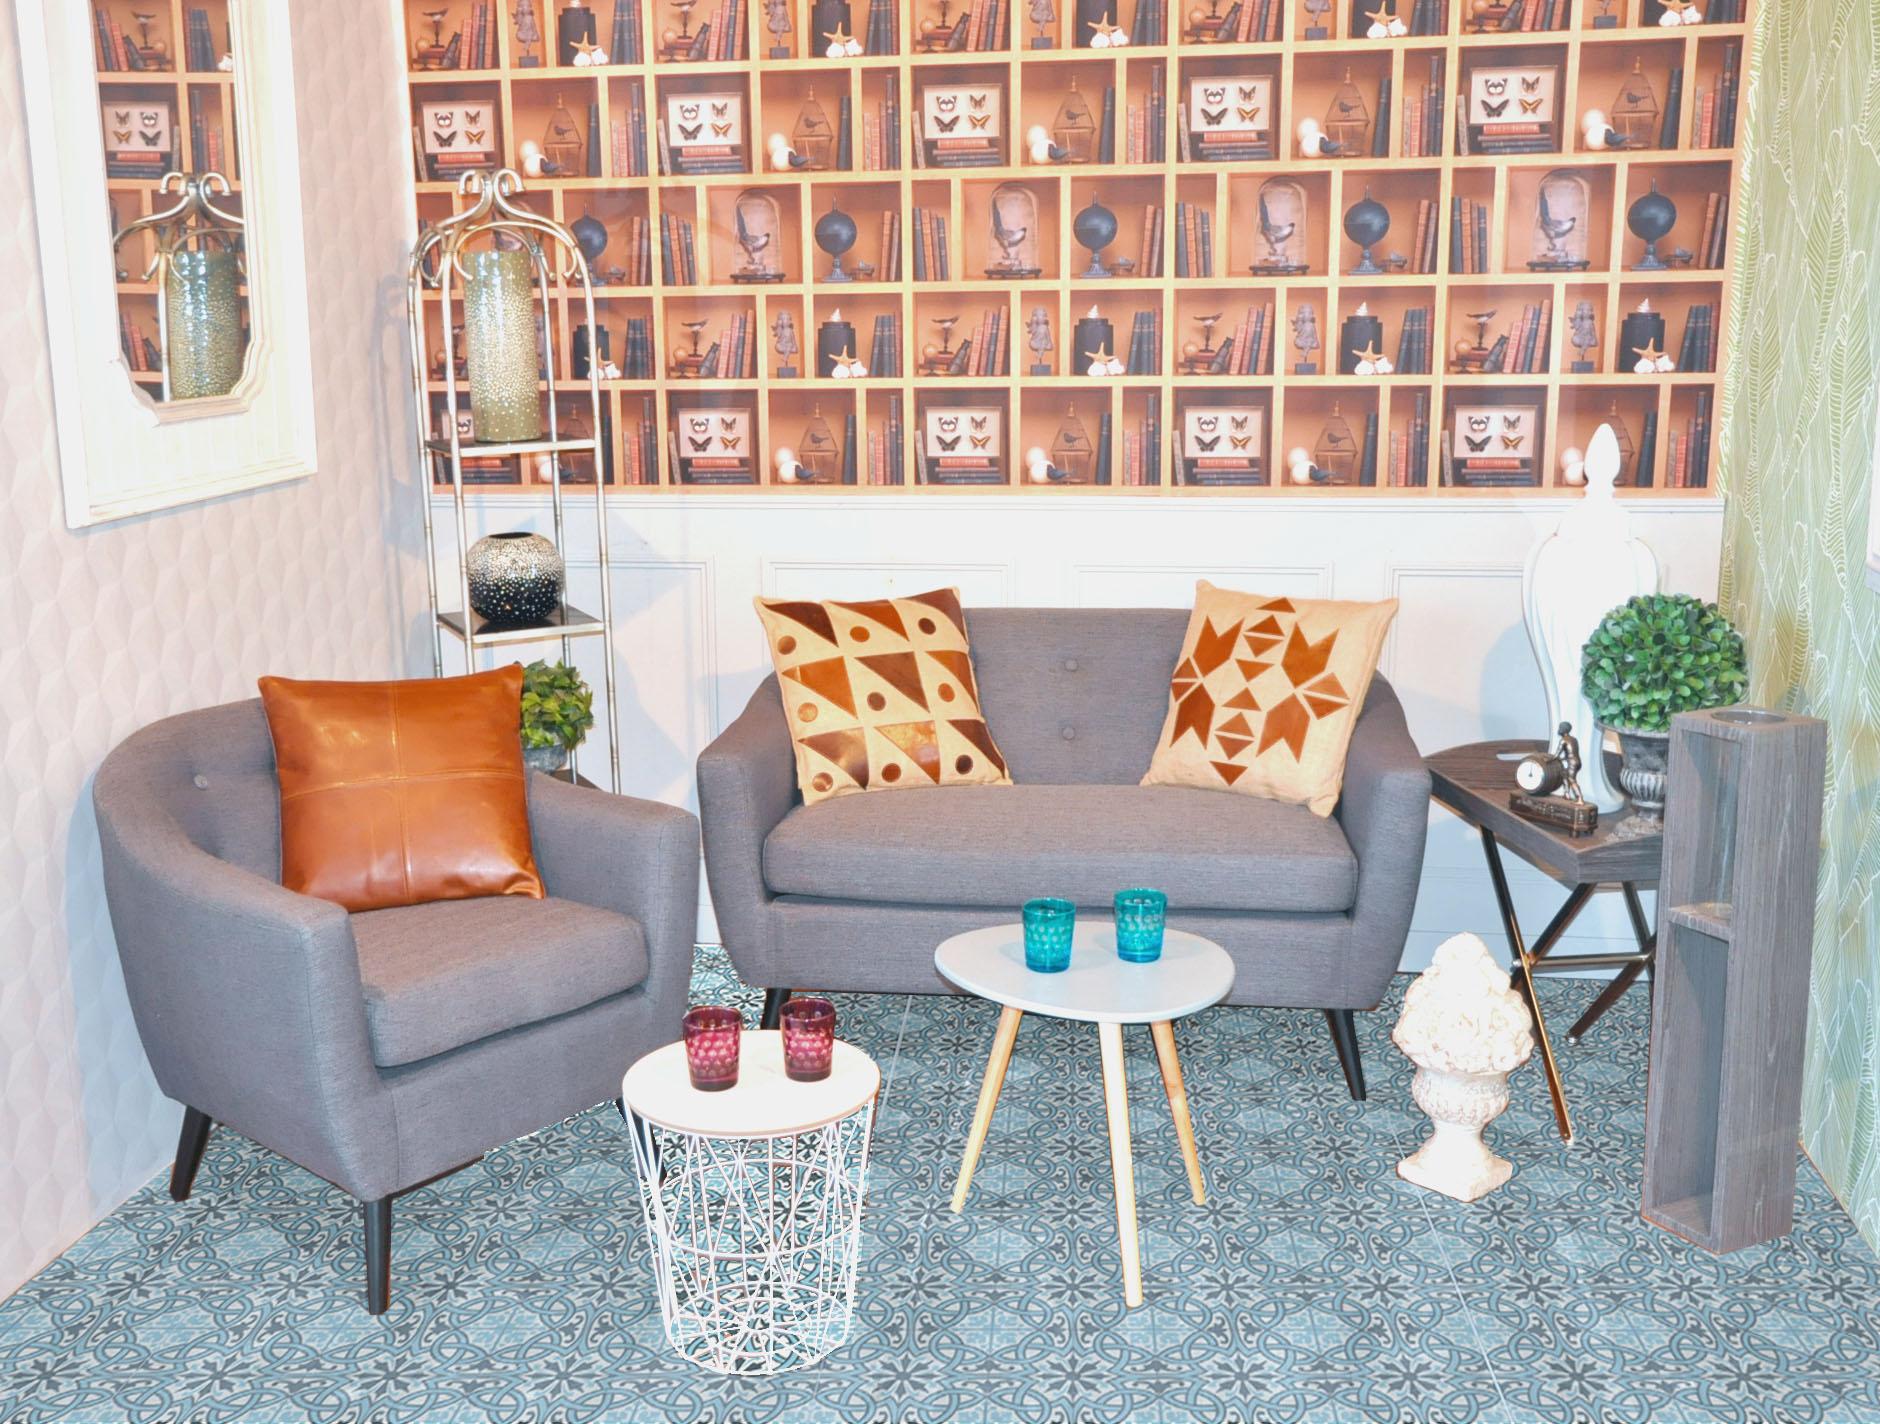 salon salon de jardin ethnique meilleures id es pour la conception et l 39 ameublement du jardin. Black Bedroom Furniture Sets. Home Design Ideas